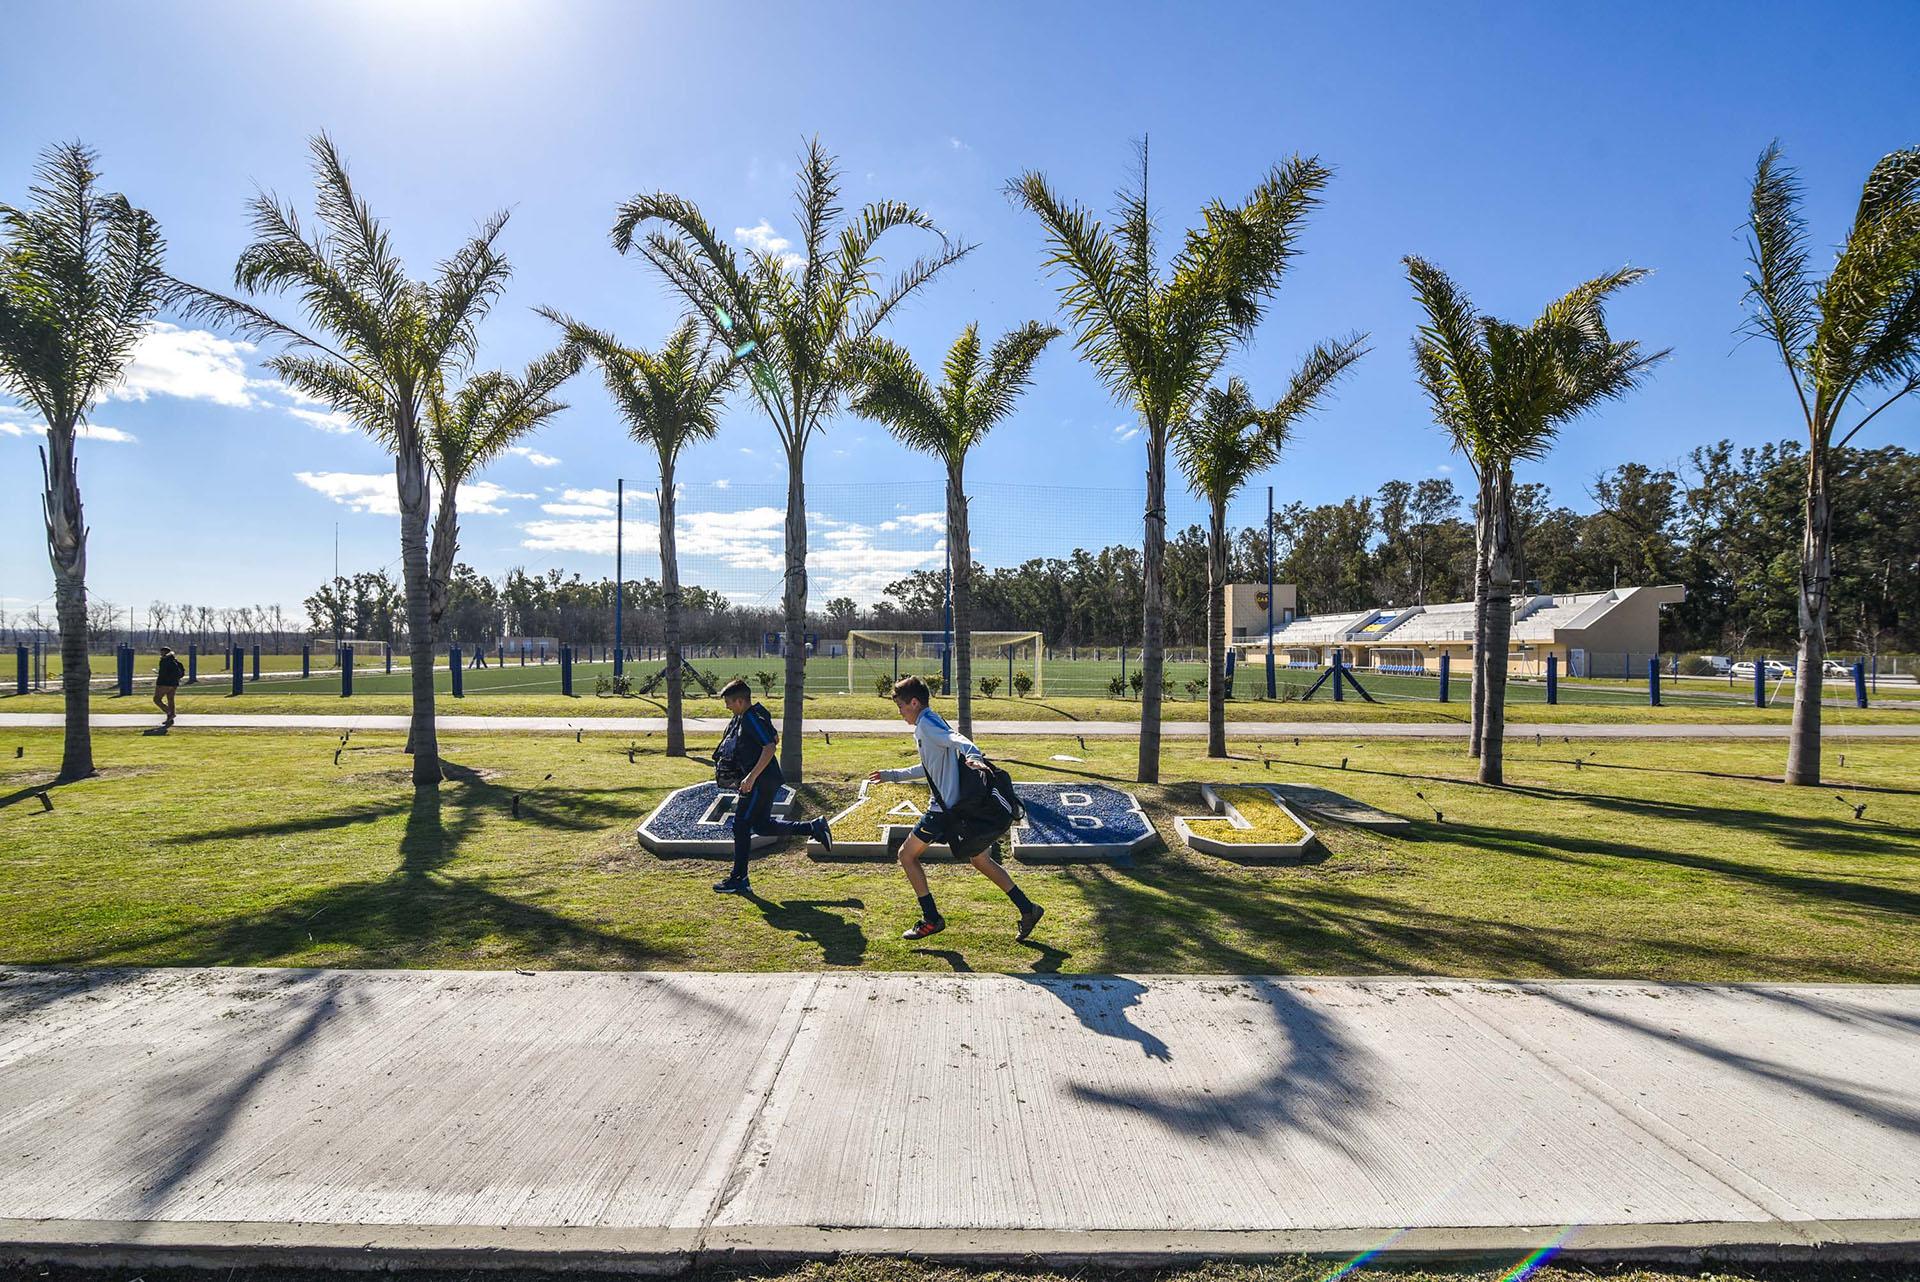 El centro de entrenamiento se inauguró el 3 de abril de 2017 después de 25 meses de obras (Guille Llamos)